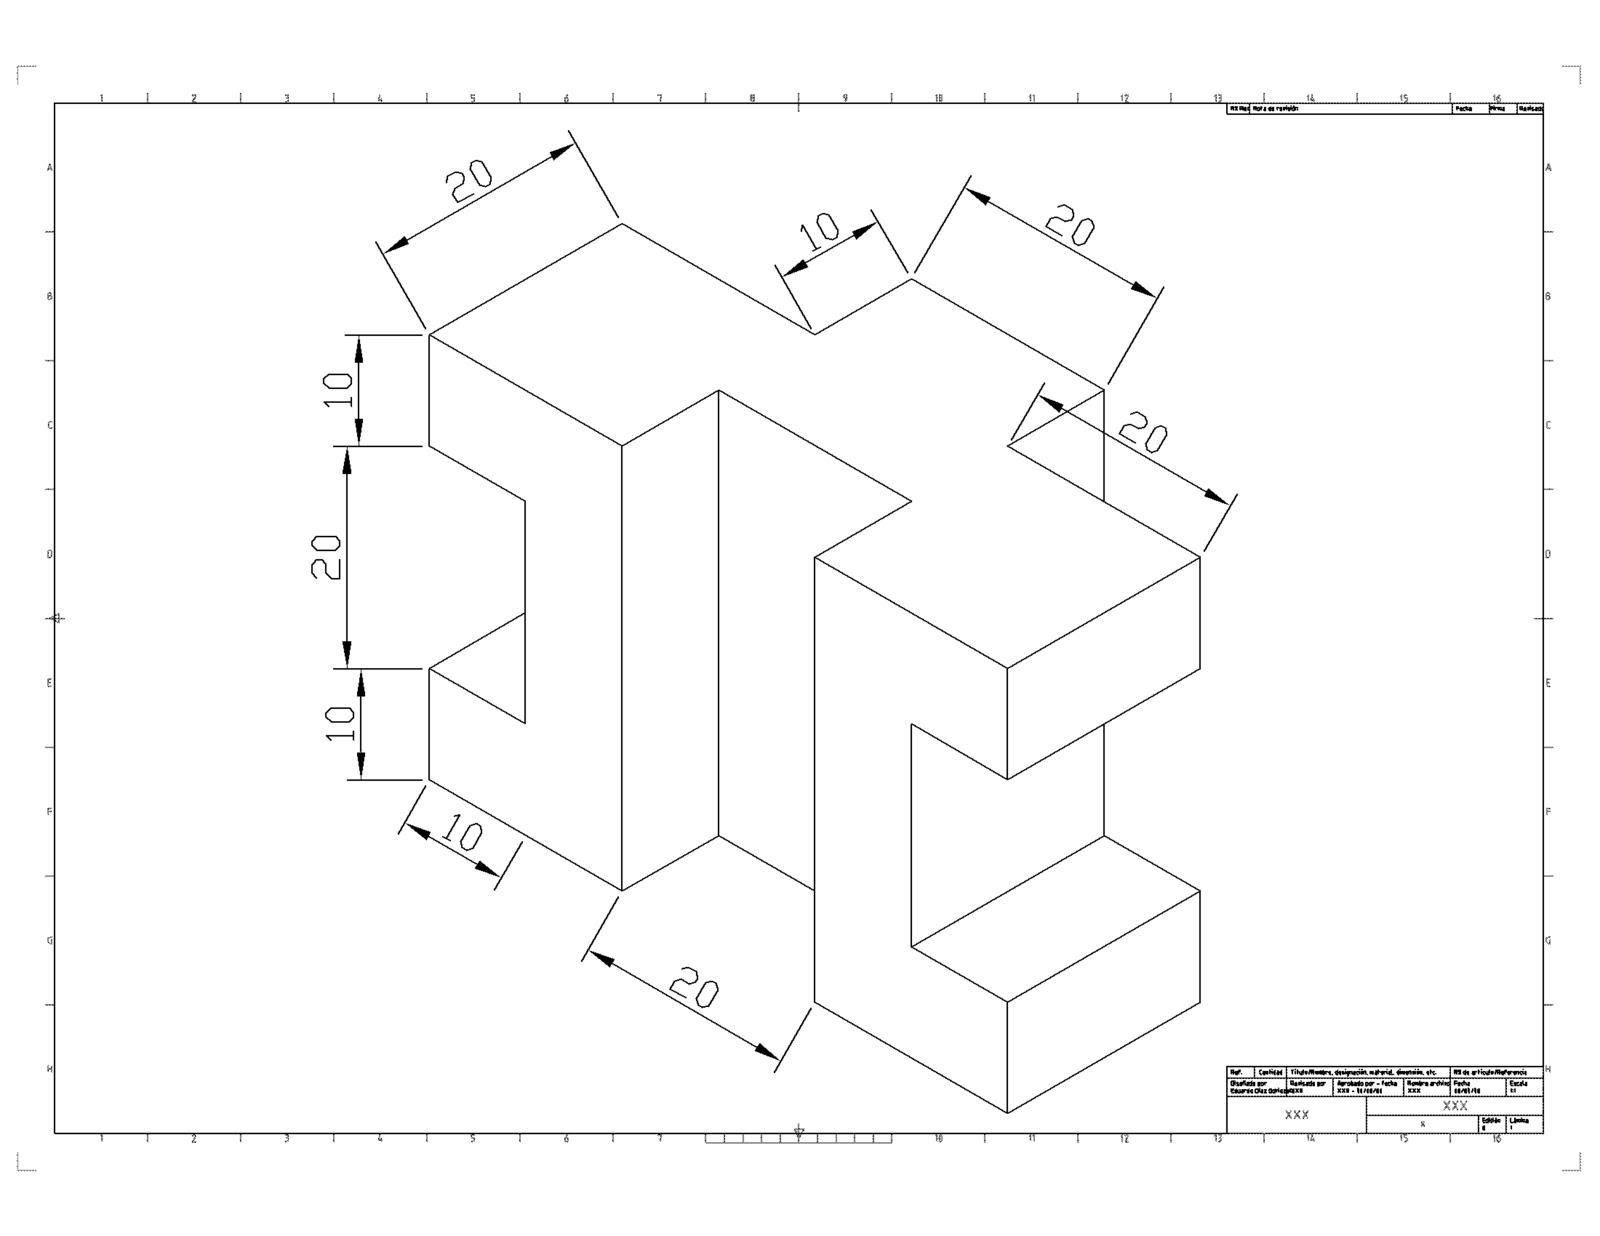 Portafolio de Evidencias Dibujo Tecnico Optativa Cet-Mar 04